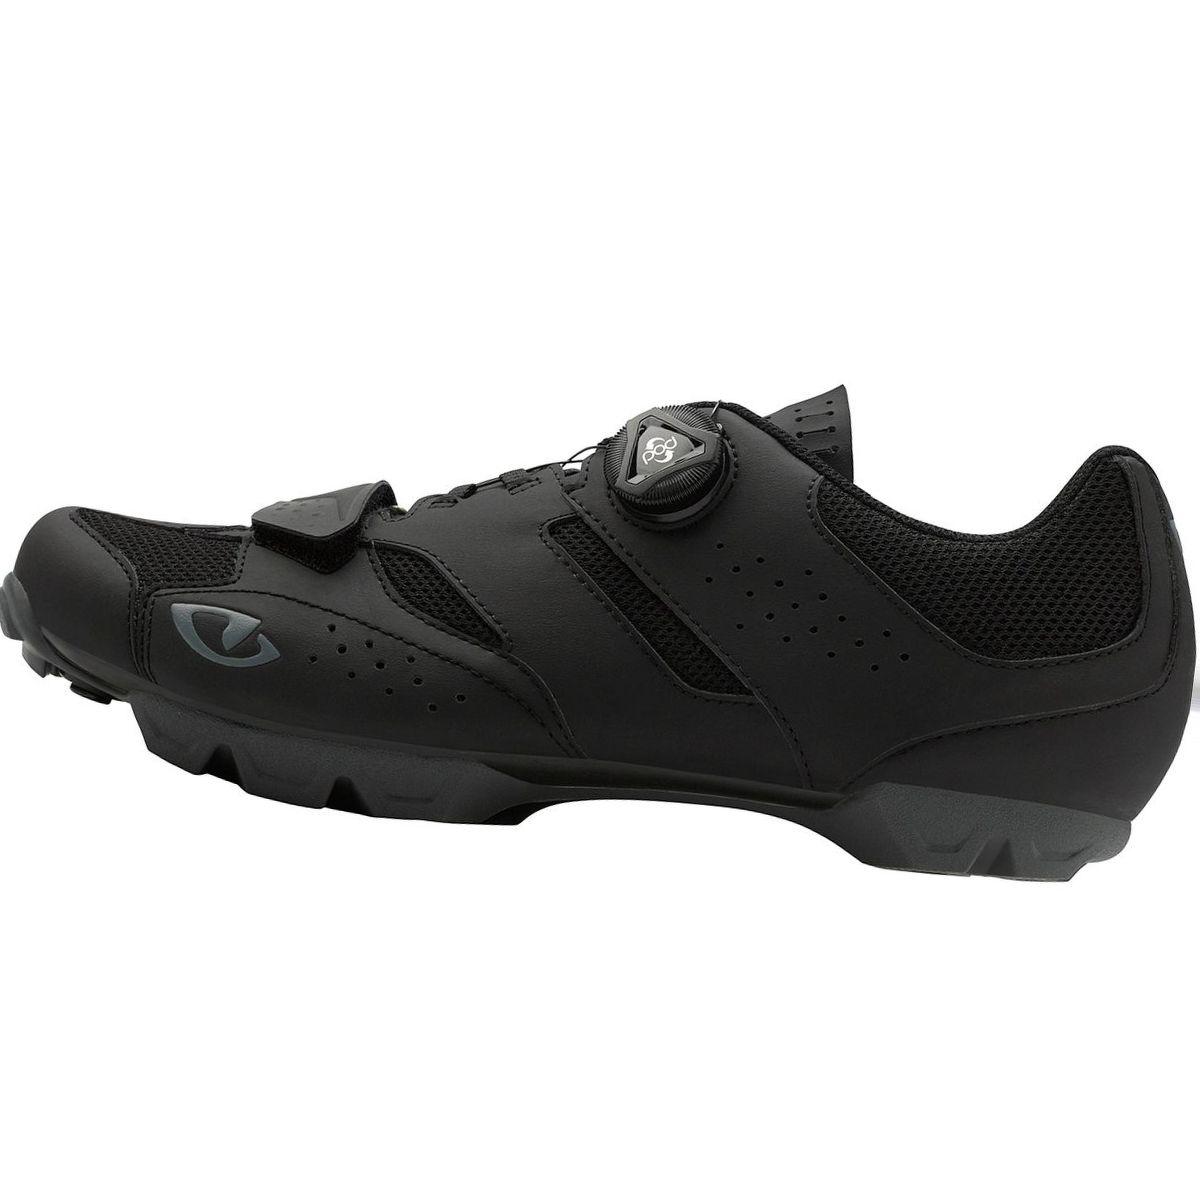 Giro Cylinder HV+ Cycling Shoe - Men's